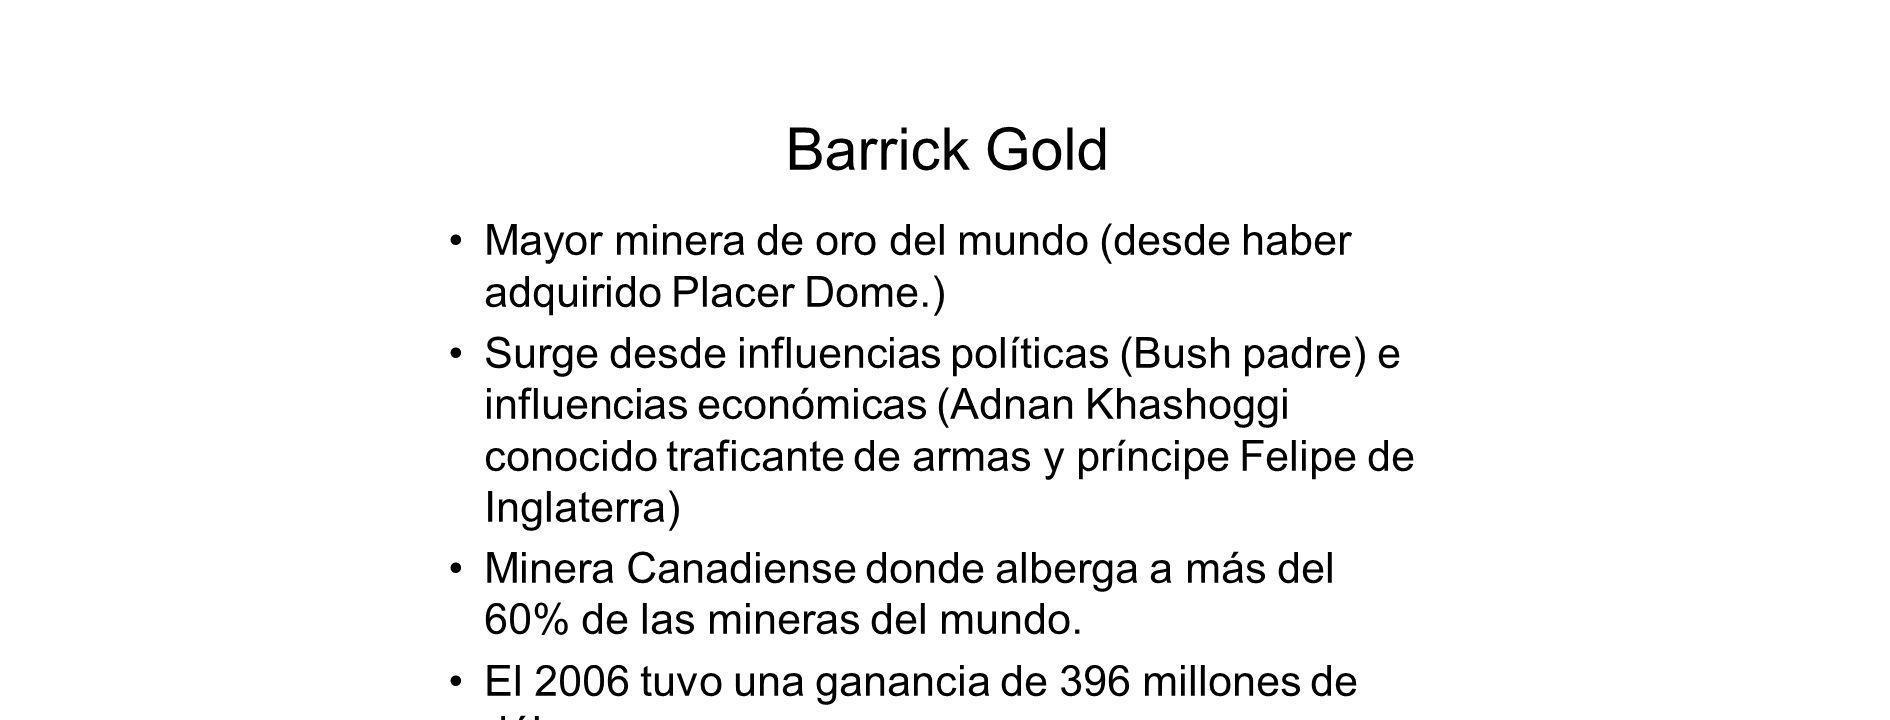 Barrick Gold Mayor minera de oro del mundo (desde haber adquirido Placer Dome.) Surge desde influencias políticas (Bush padre) e influencias económicas (Adnan Khashoggi conocido traficante de armas y príncipe Felipe de Inglaterra) Minera Canadiense donde alberga a más del 60% de las mineras del mundo.